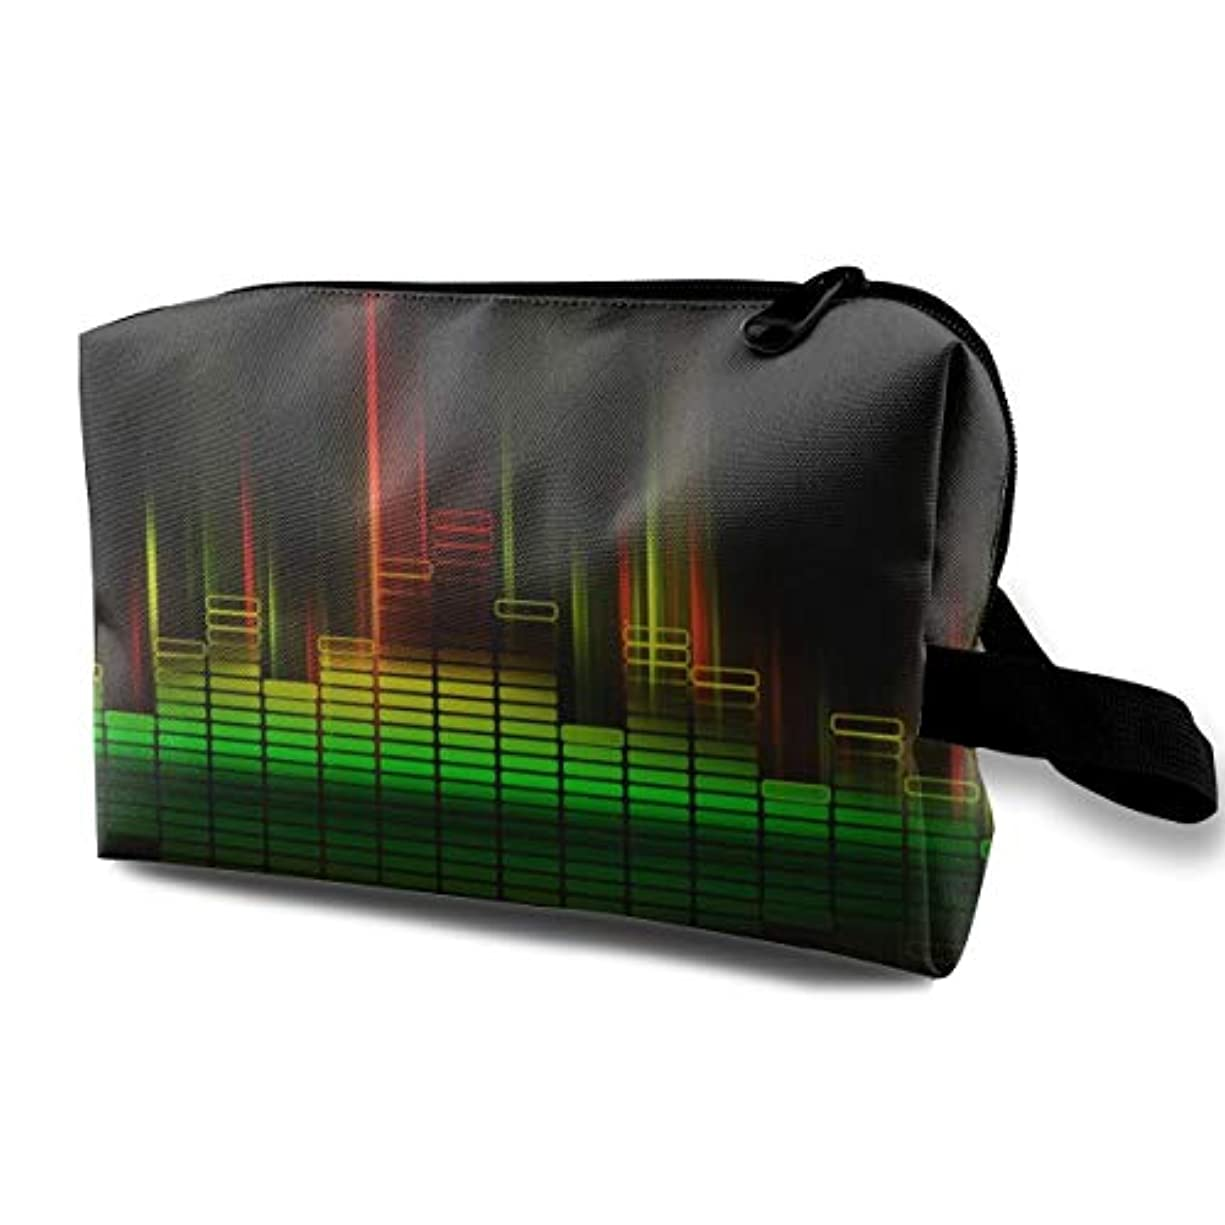 悪質な非難場合Cool Music Equalizer 収納ポーチ 化粧ポーチ 大容量 軽量 耐久性 ハンドル付持ち運び便利。入れ 自宅?出張?旅行?アウトドア撮影などに対応。メンズ レディース トラベルグッズ